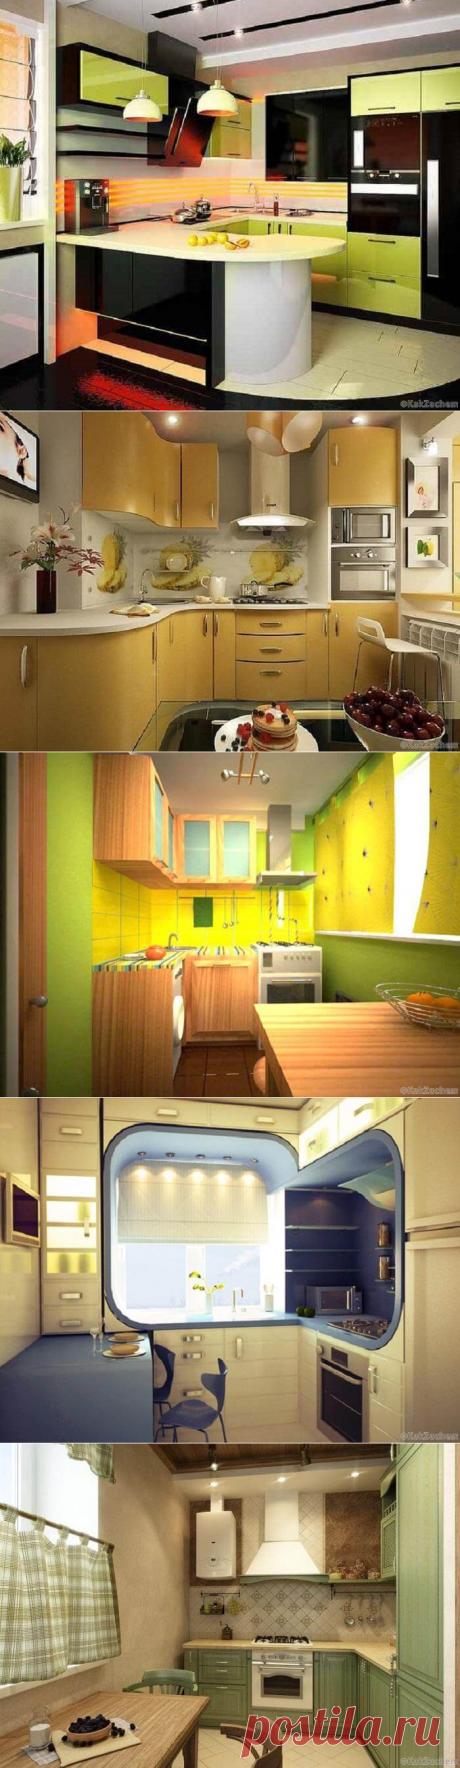 ¡Si el lugar de la mujer en la cocina, solamente en tal! 23 es increíble el proyecto hermoso